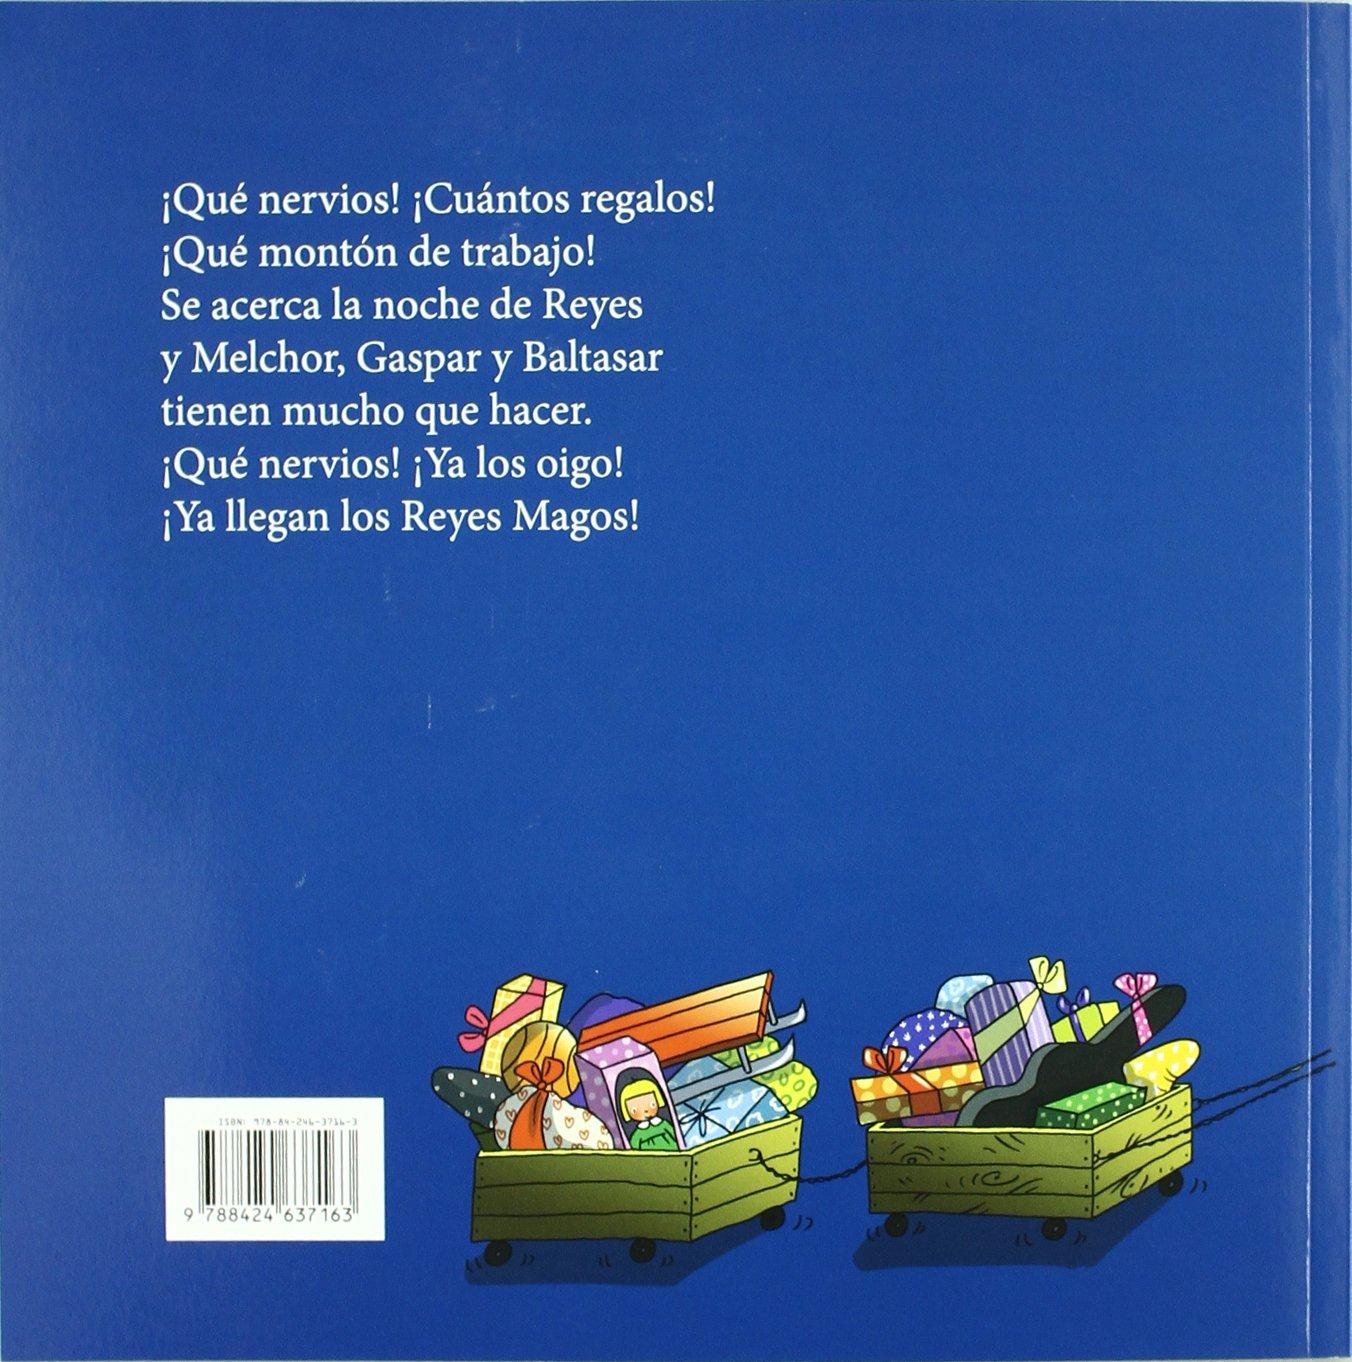 Los Reyes Magos: 63 (Tradiciones): Amazon.es: Canyelles, Anna, Calafell, Roser: Libros